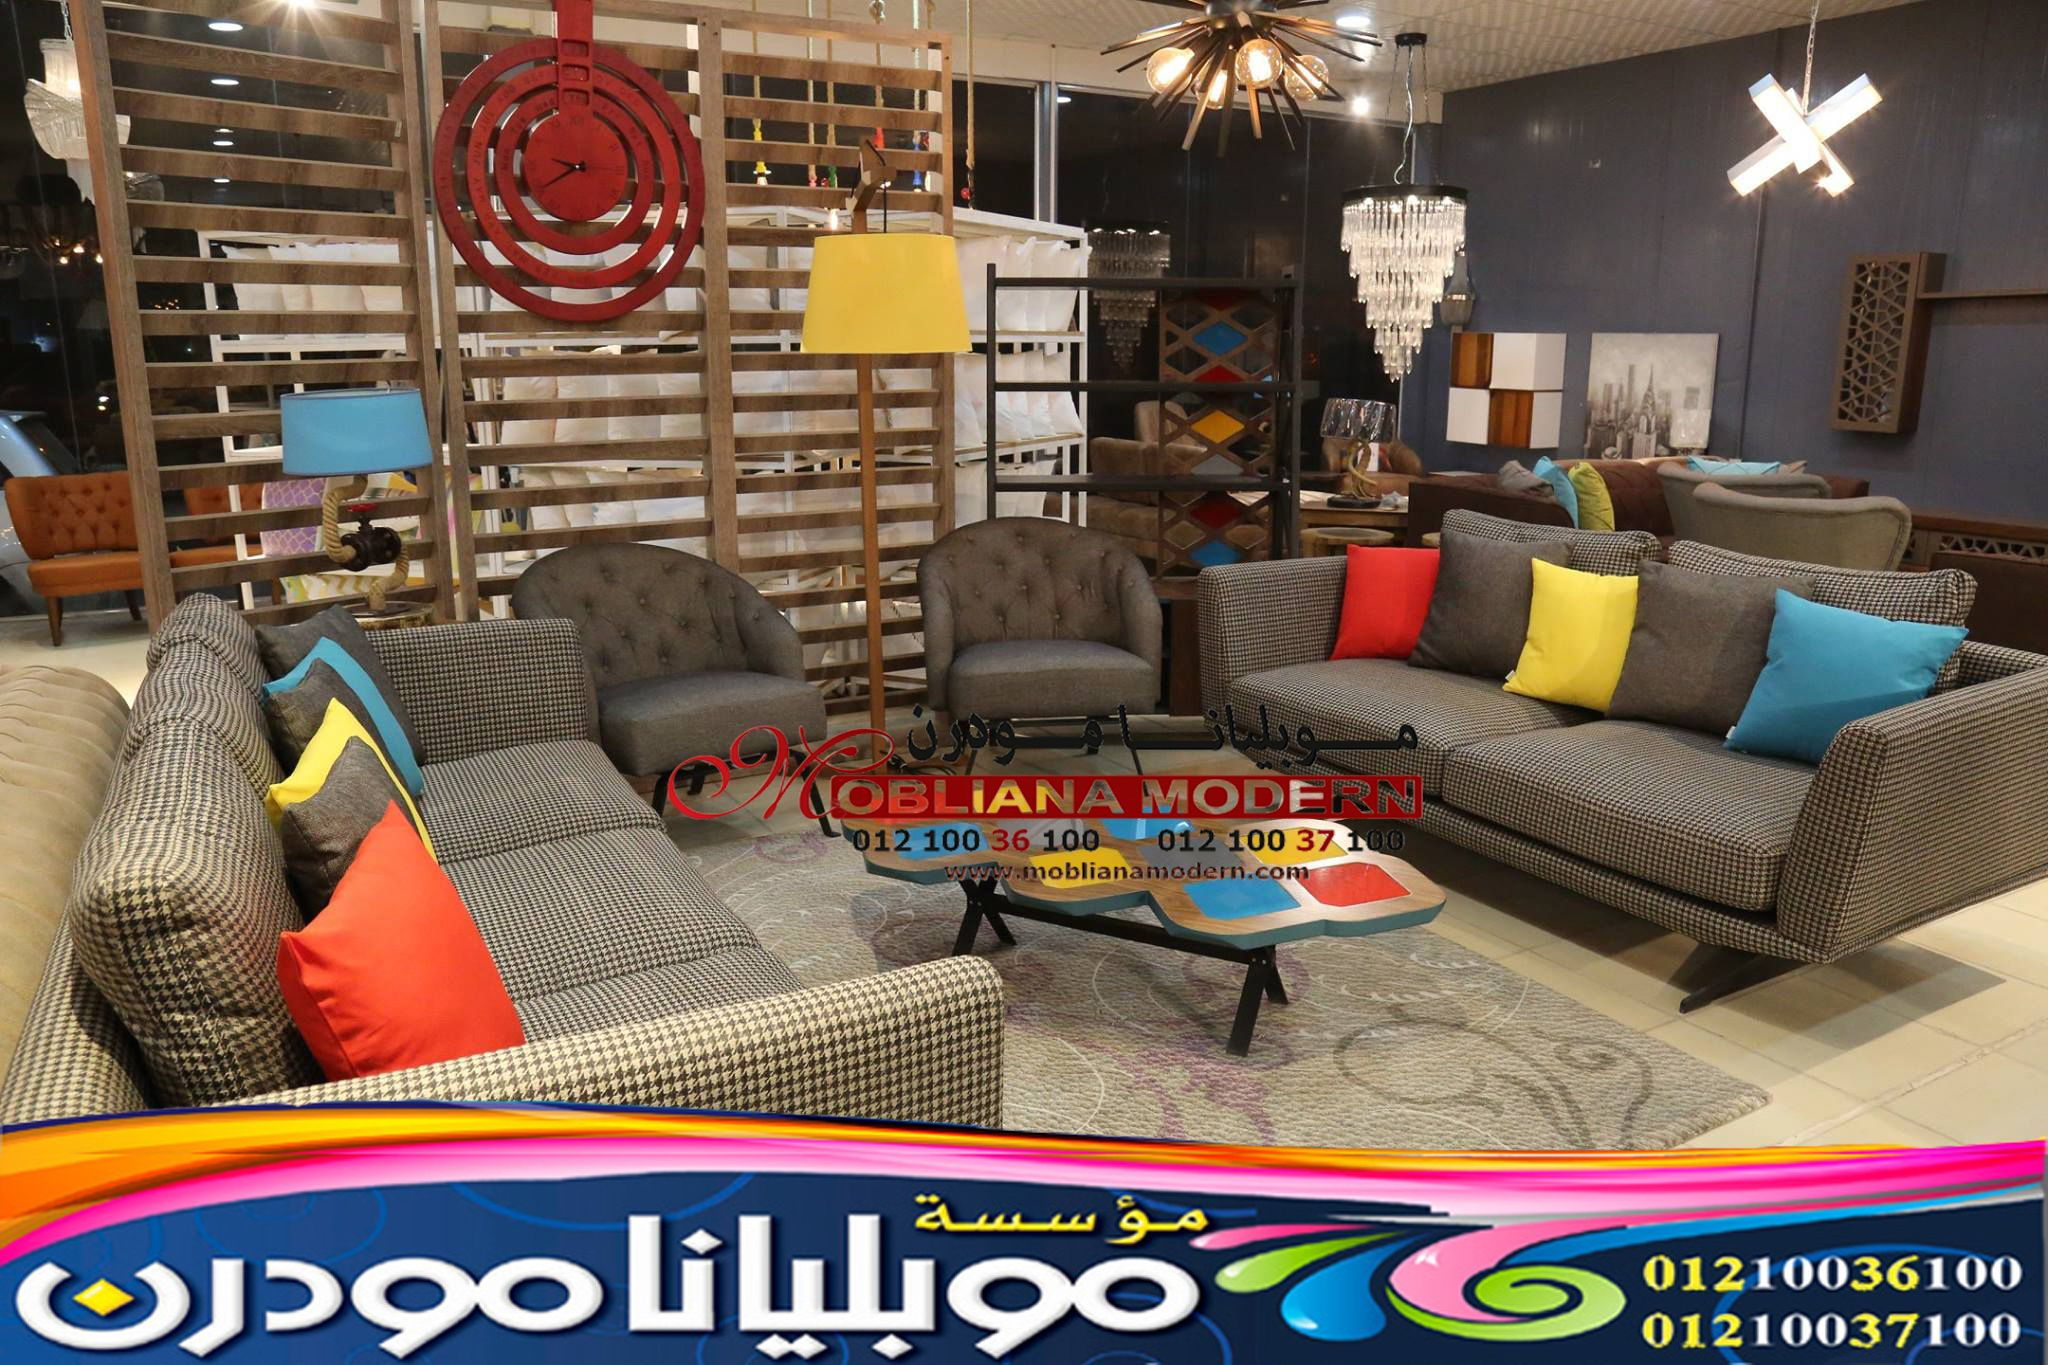 اثاث موبليانا مودرن انتريهات بالصور احدث صور الانتريهات 2021 2022 Home Room Design Outdoor Furniture Sets Room Design